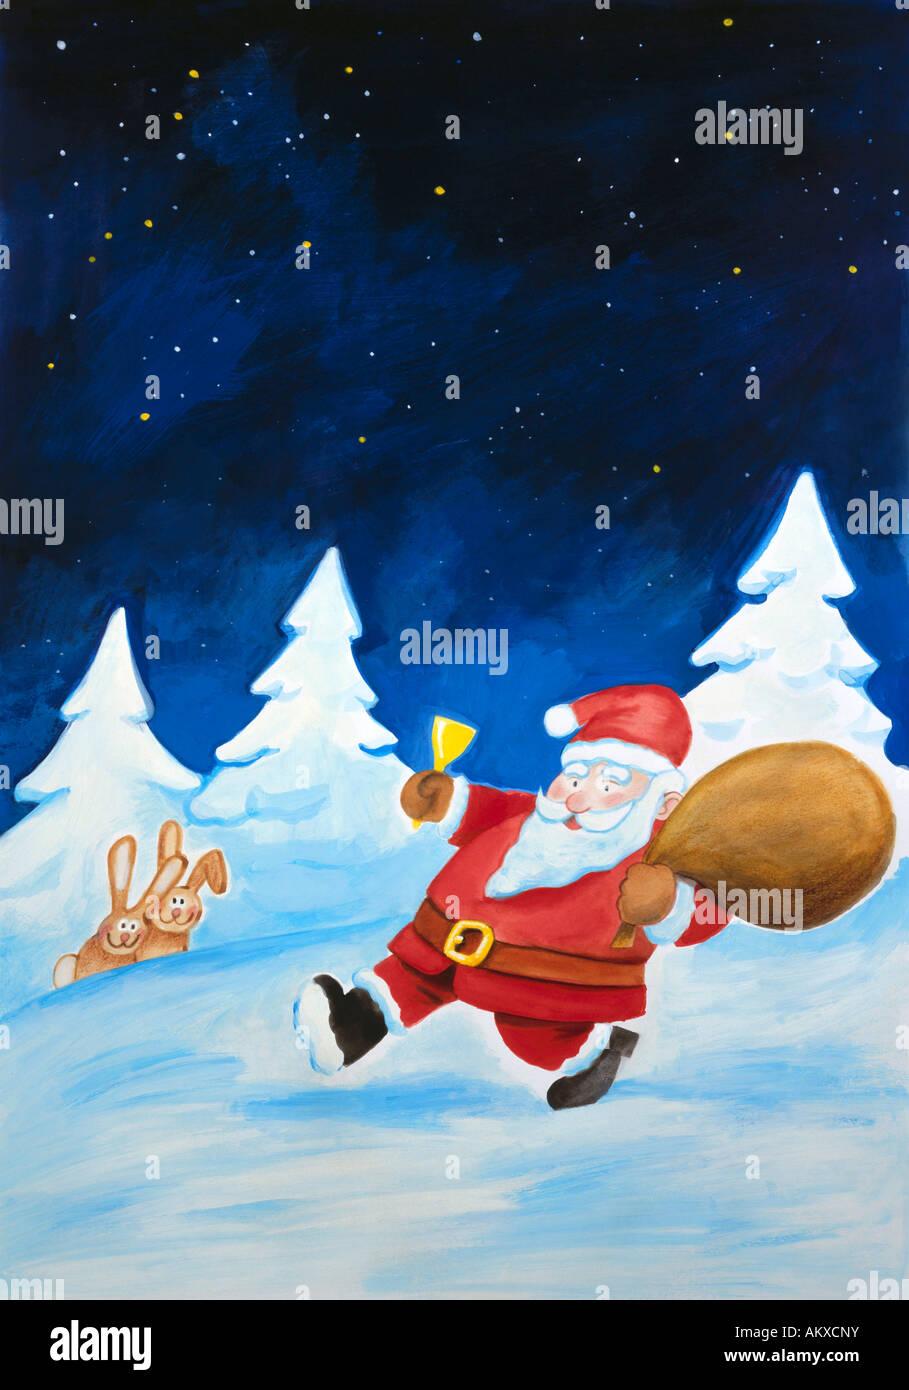 Le Père Noël apporte des cadeaux, illustration Photo Stock